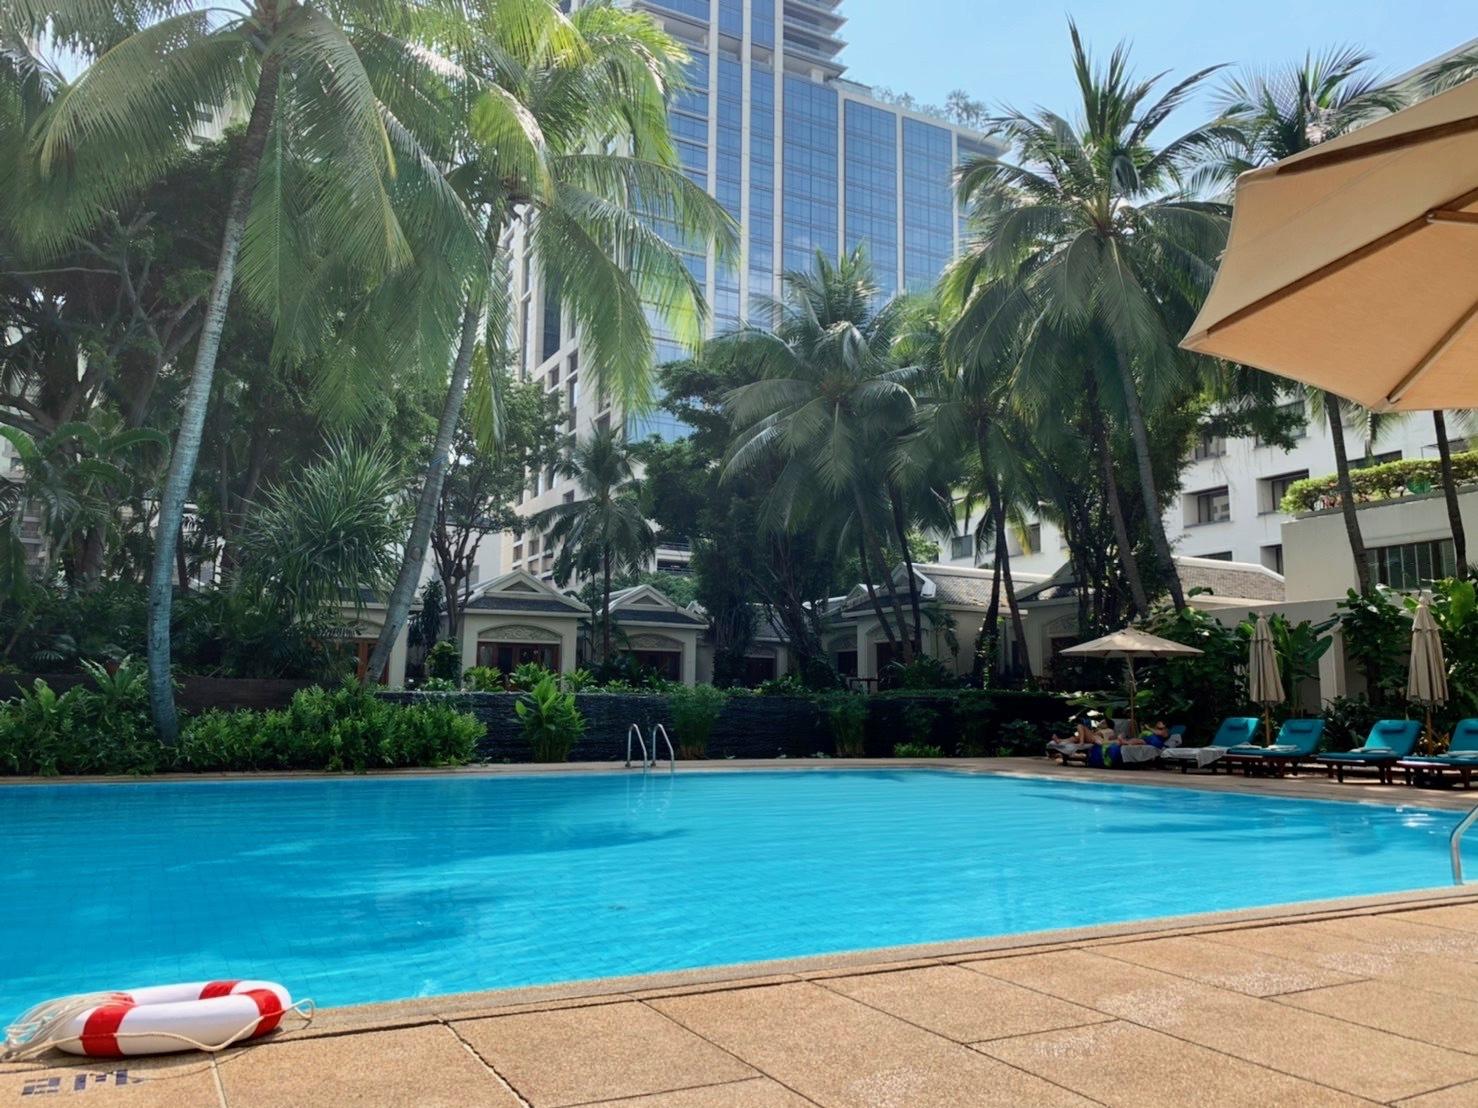 タイの休日 アナンタラサイアムへ_b0325640_14134955.jpg